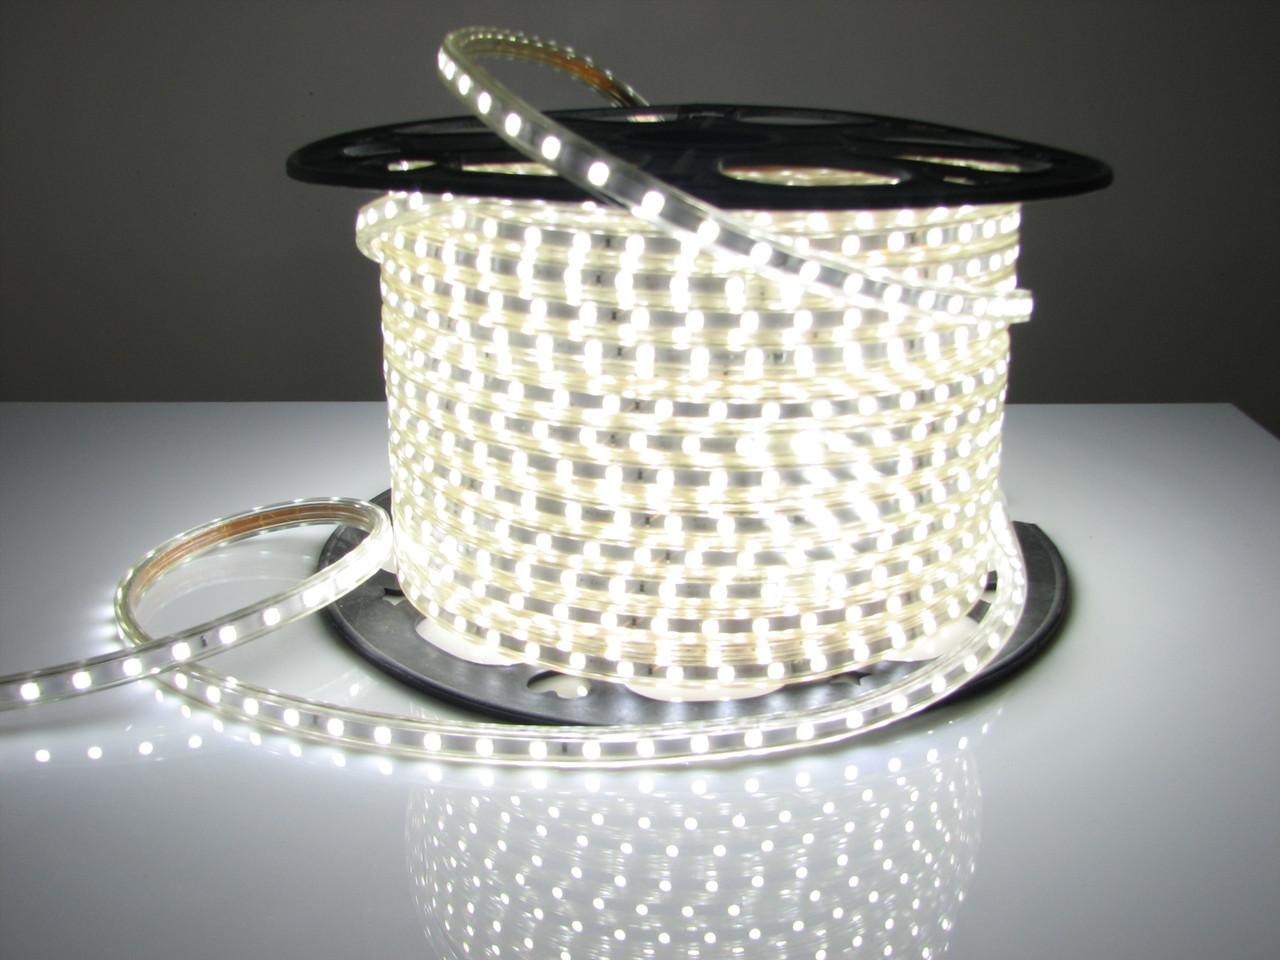 Светодиодная лента LED 5050 Белая 100m 12V гибкая лента в силиконе